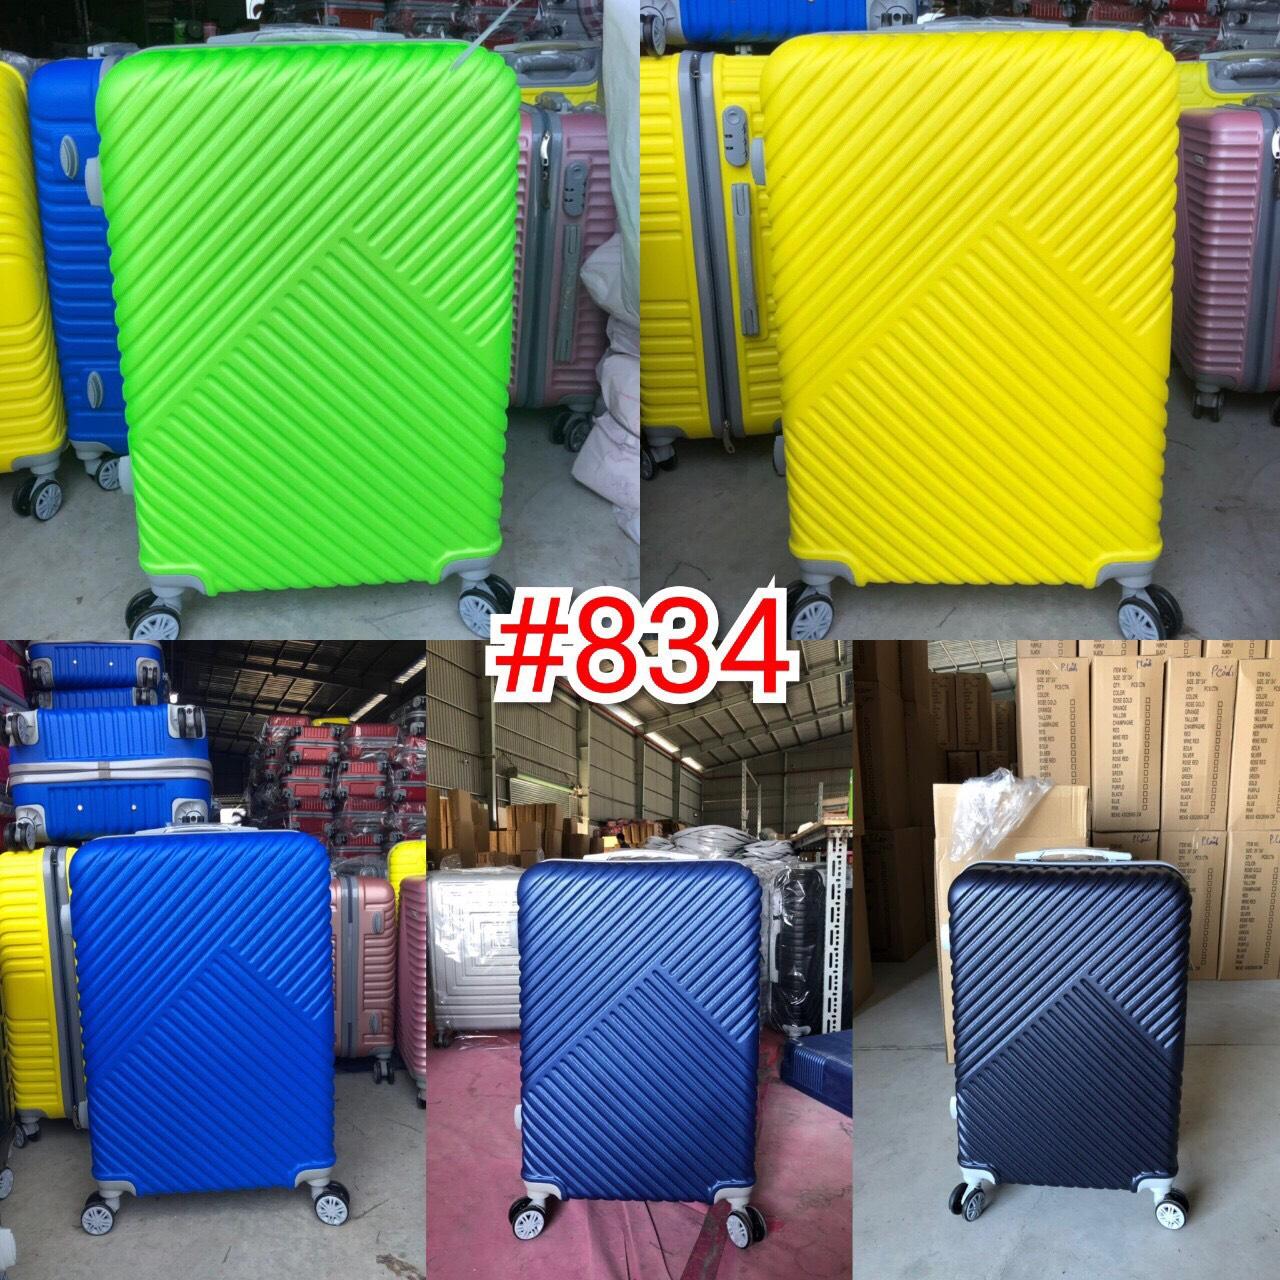 Vali nhựa (834) 20 inch tìm nhà phân phối vali nhựa